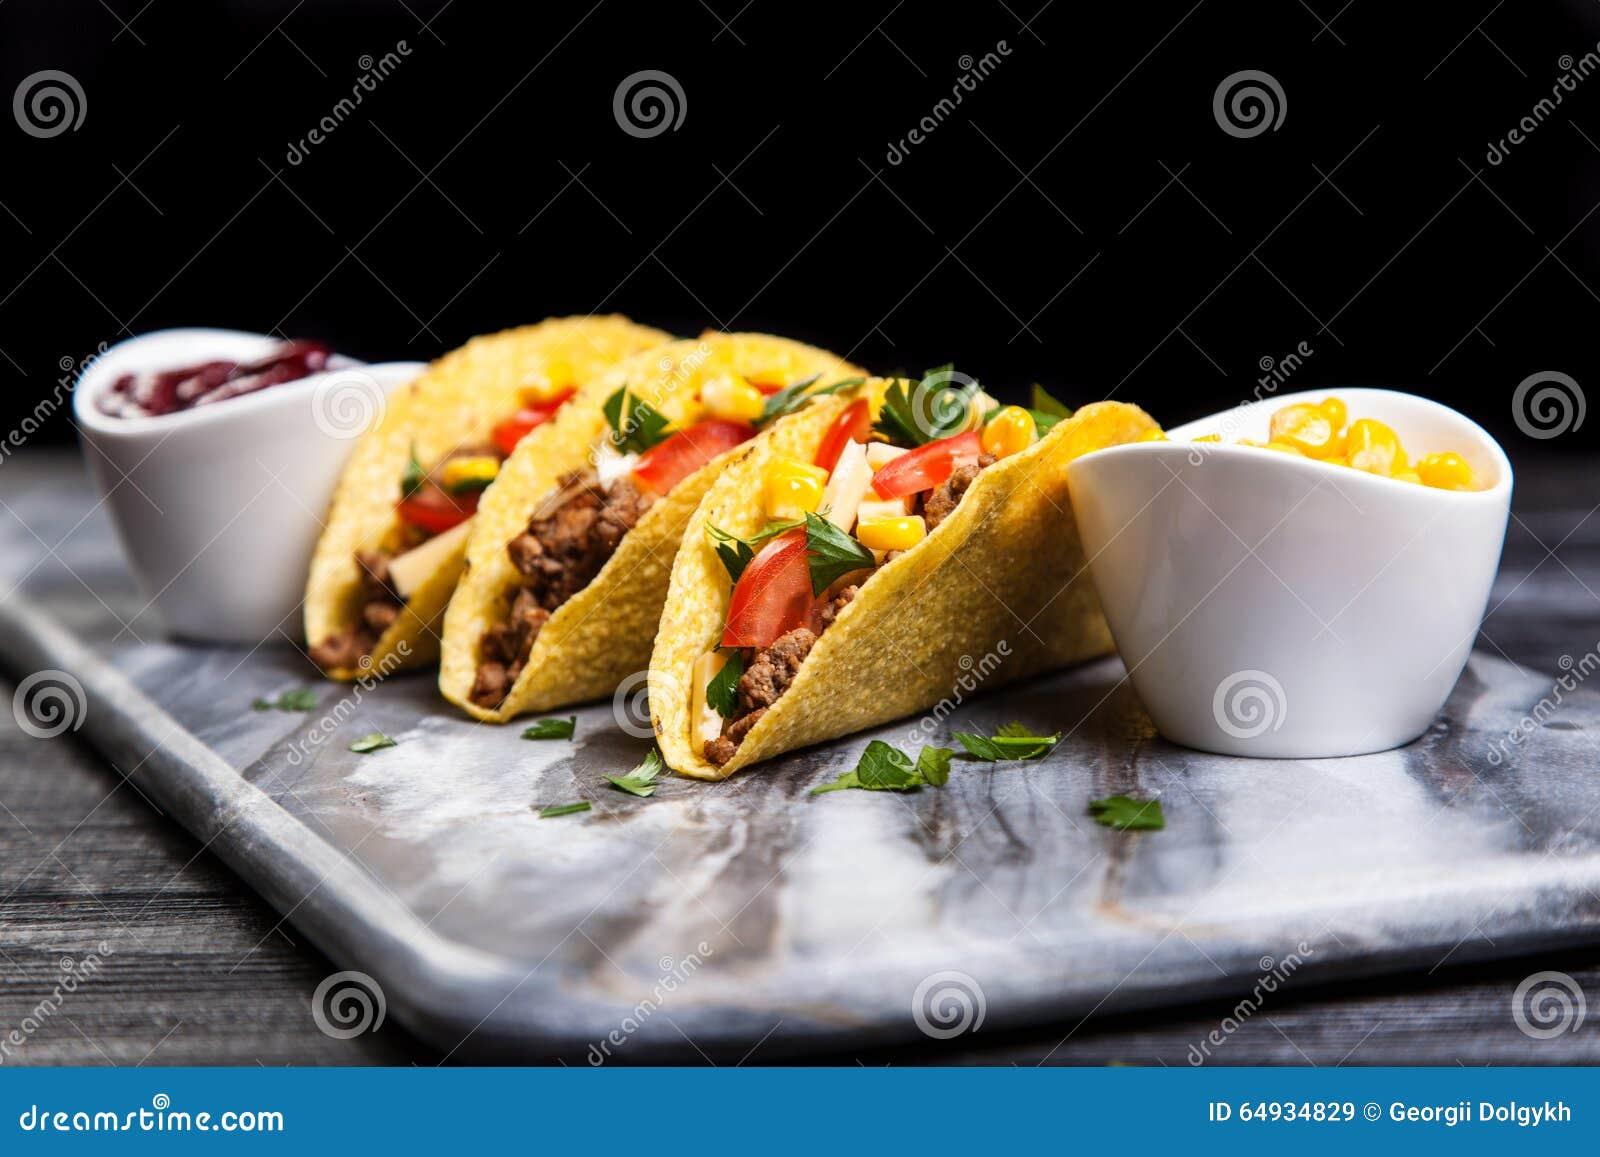 Tacos délicieux de boeuf